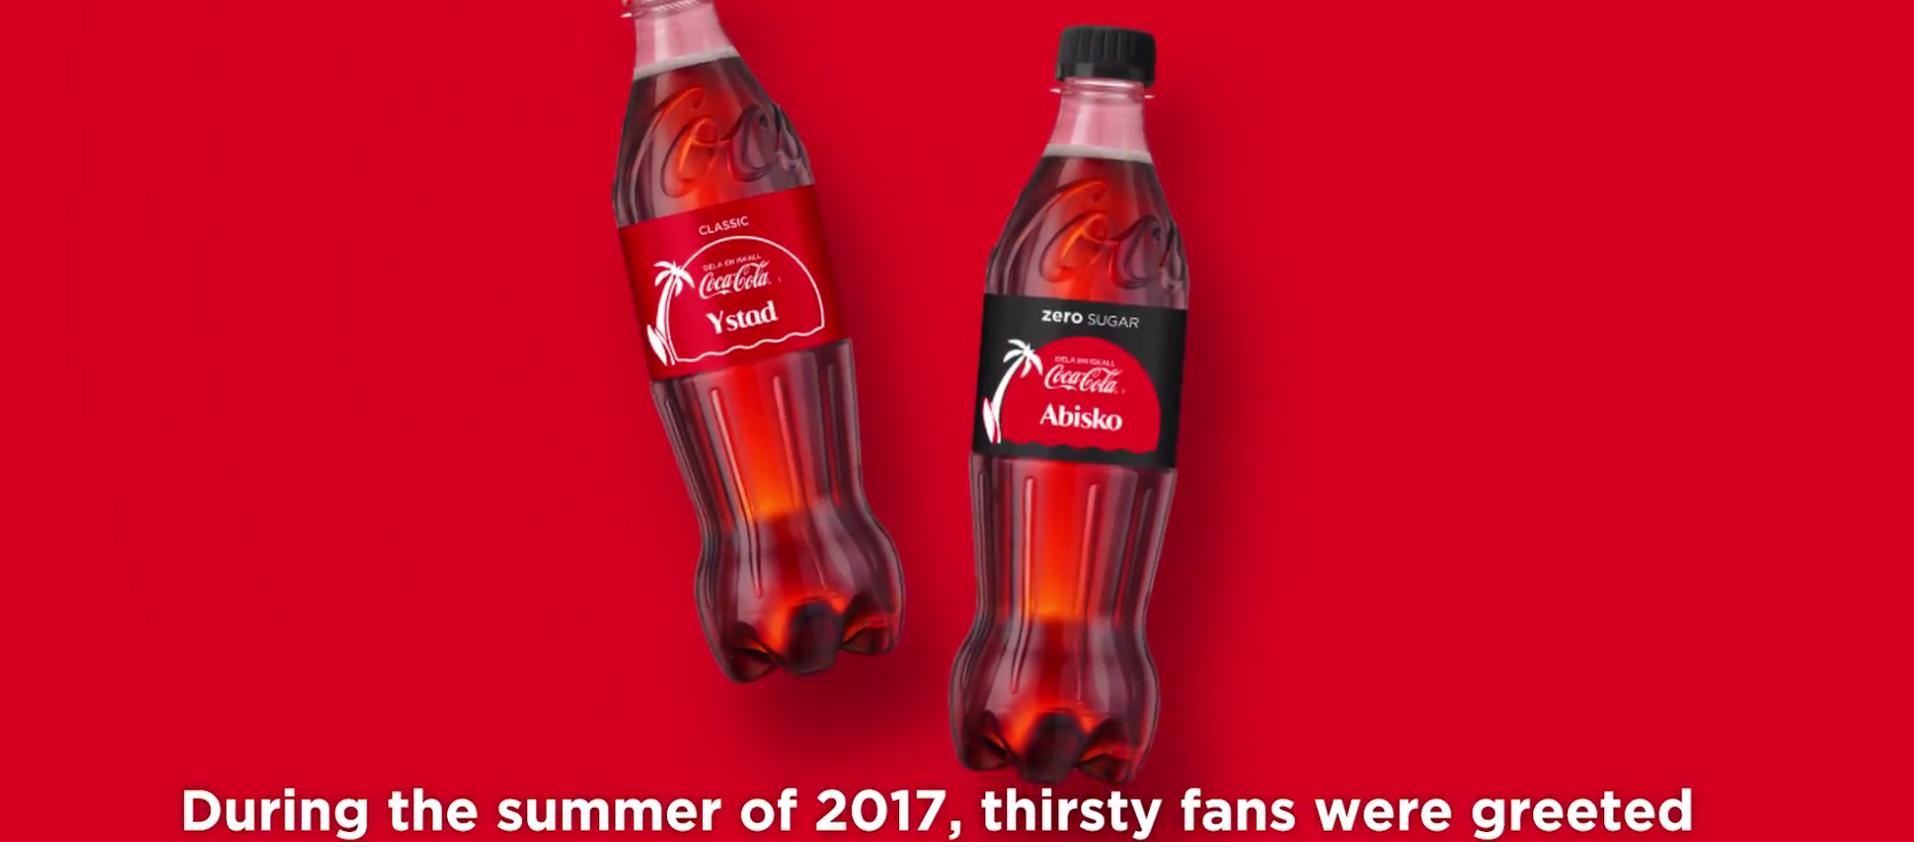 コカ・コーラボトルデザイン